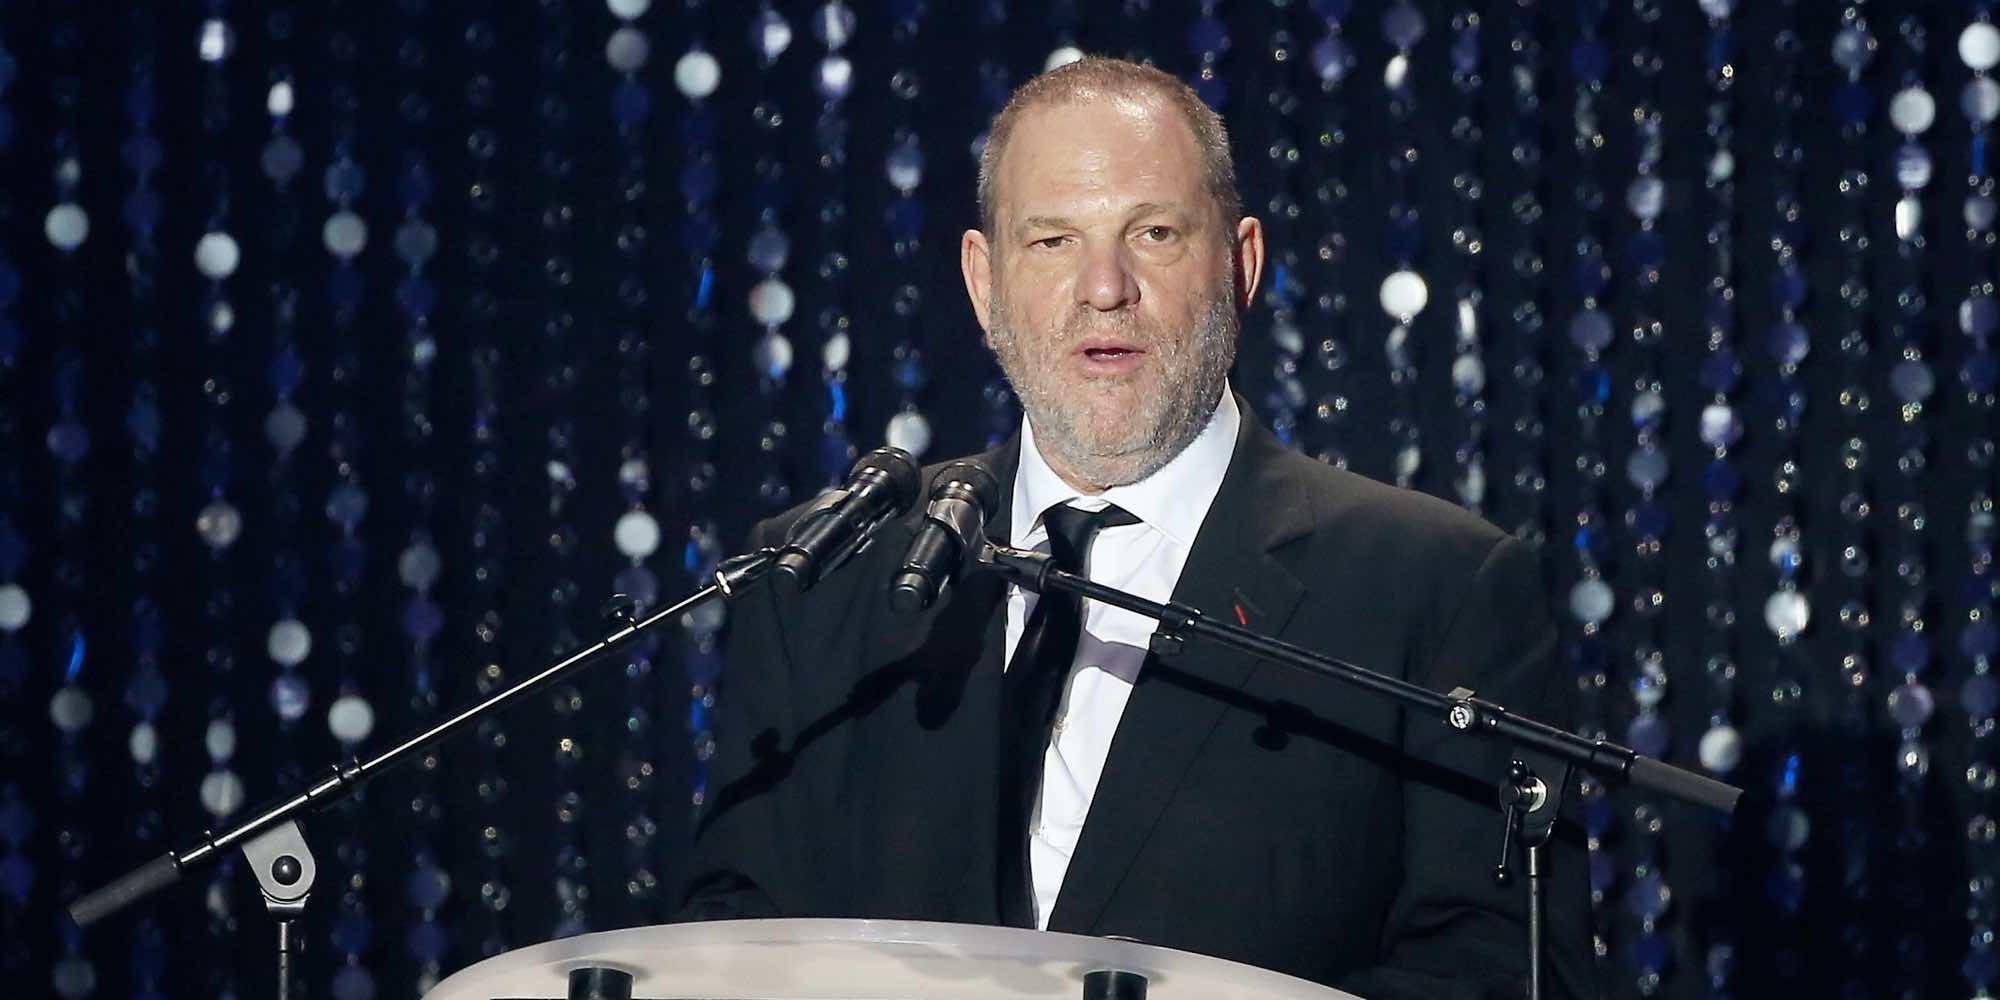 Paz de la Huerta denuncia que Harvey Weinstein le violó en dos ocasiones en 2010